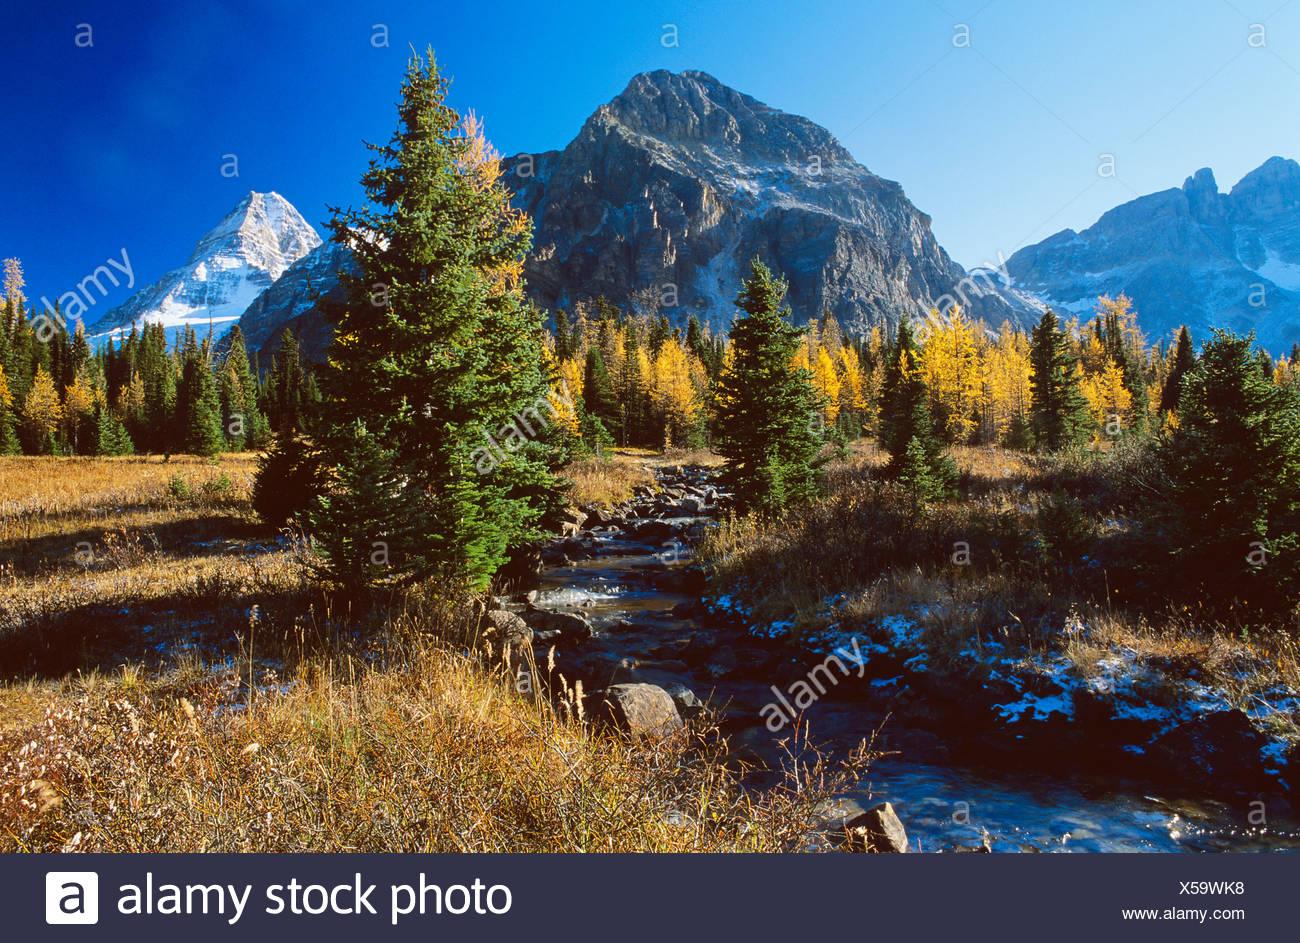 Le parc provincial du mont Assiniboine à l'automne, en Colombie-Britannique, Canada. Banque D'Images